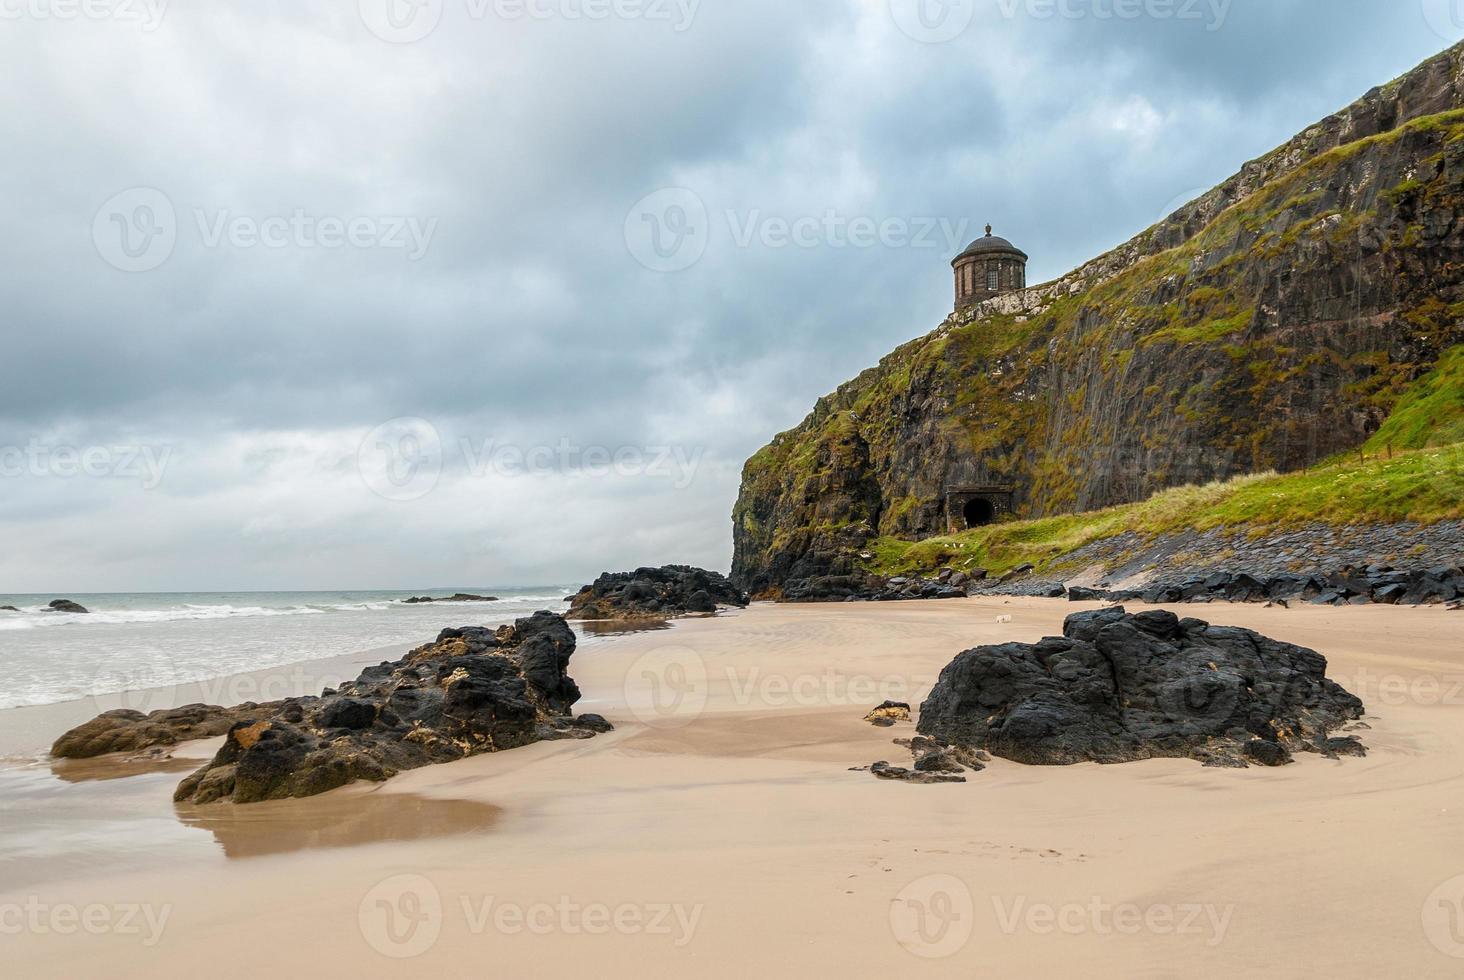 spiaggia in discesa foto